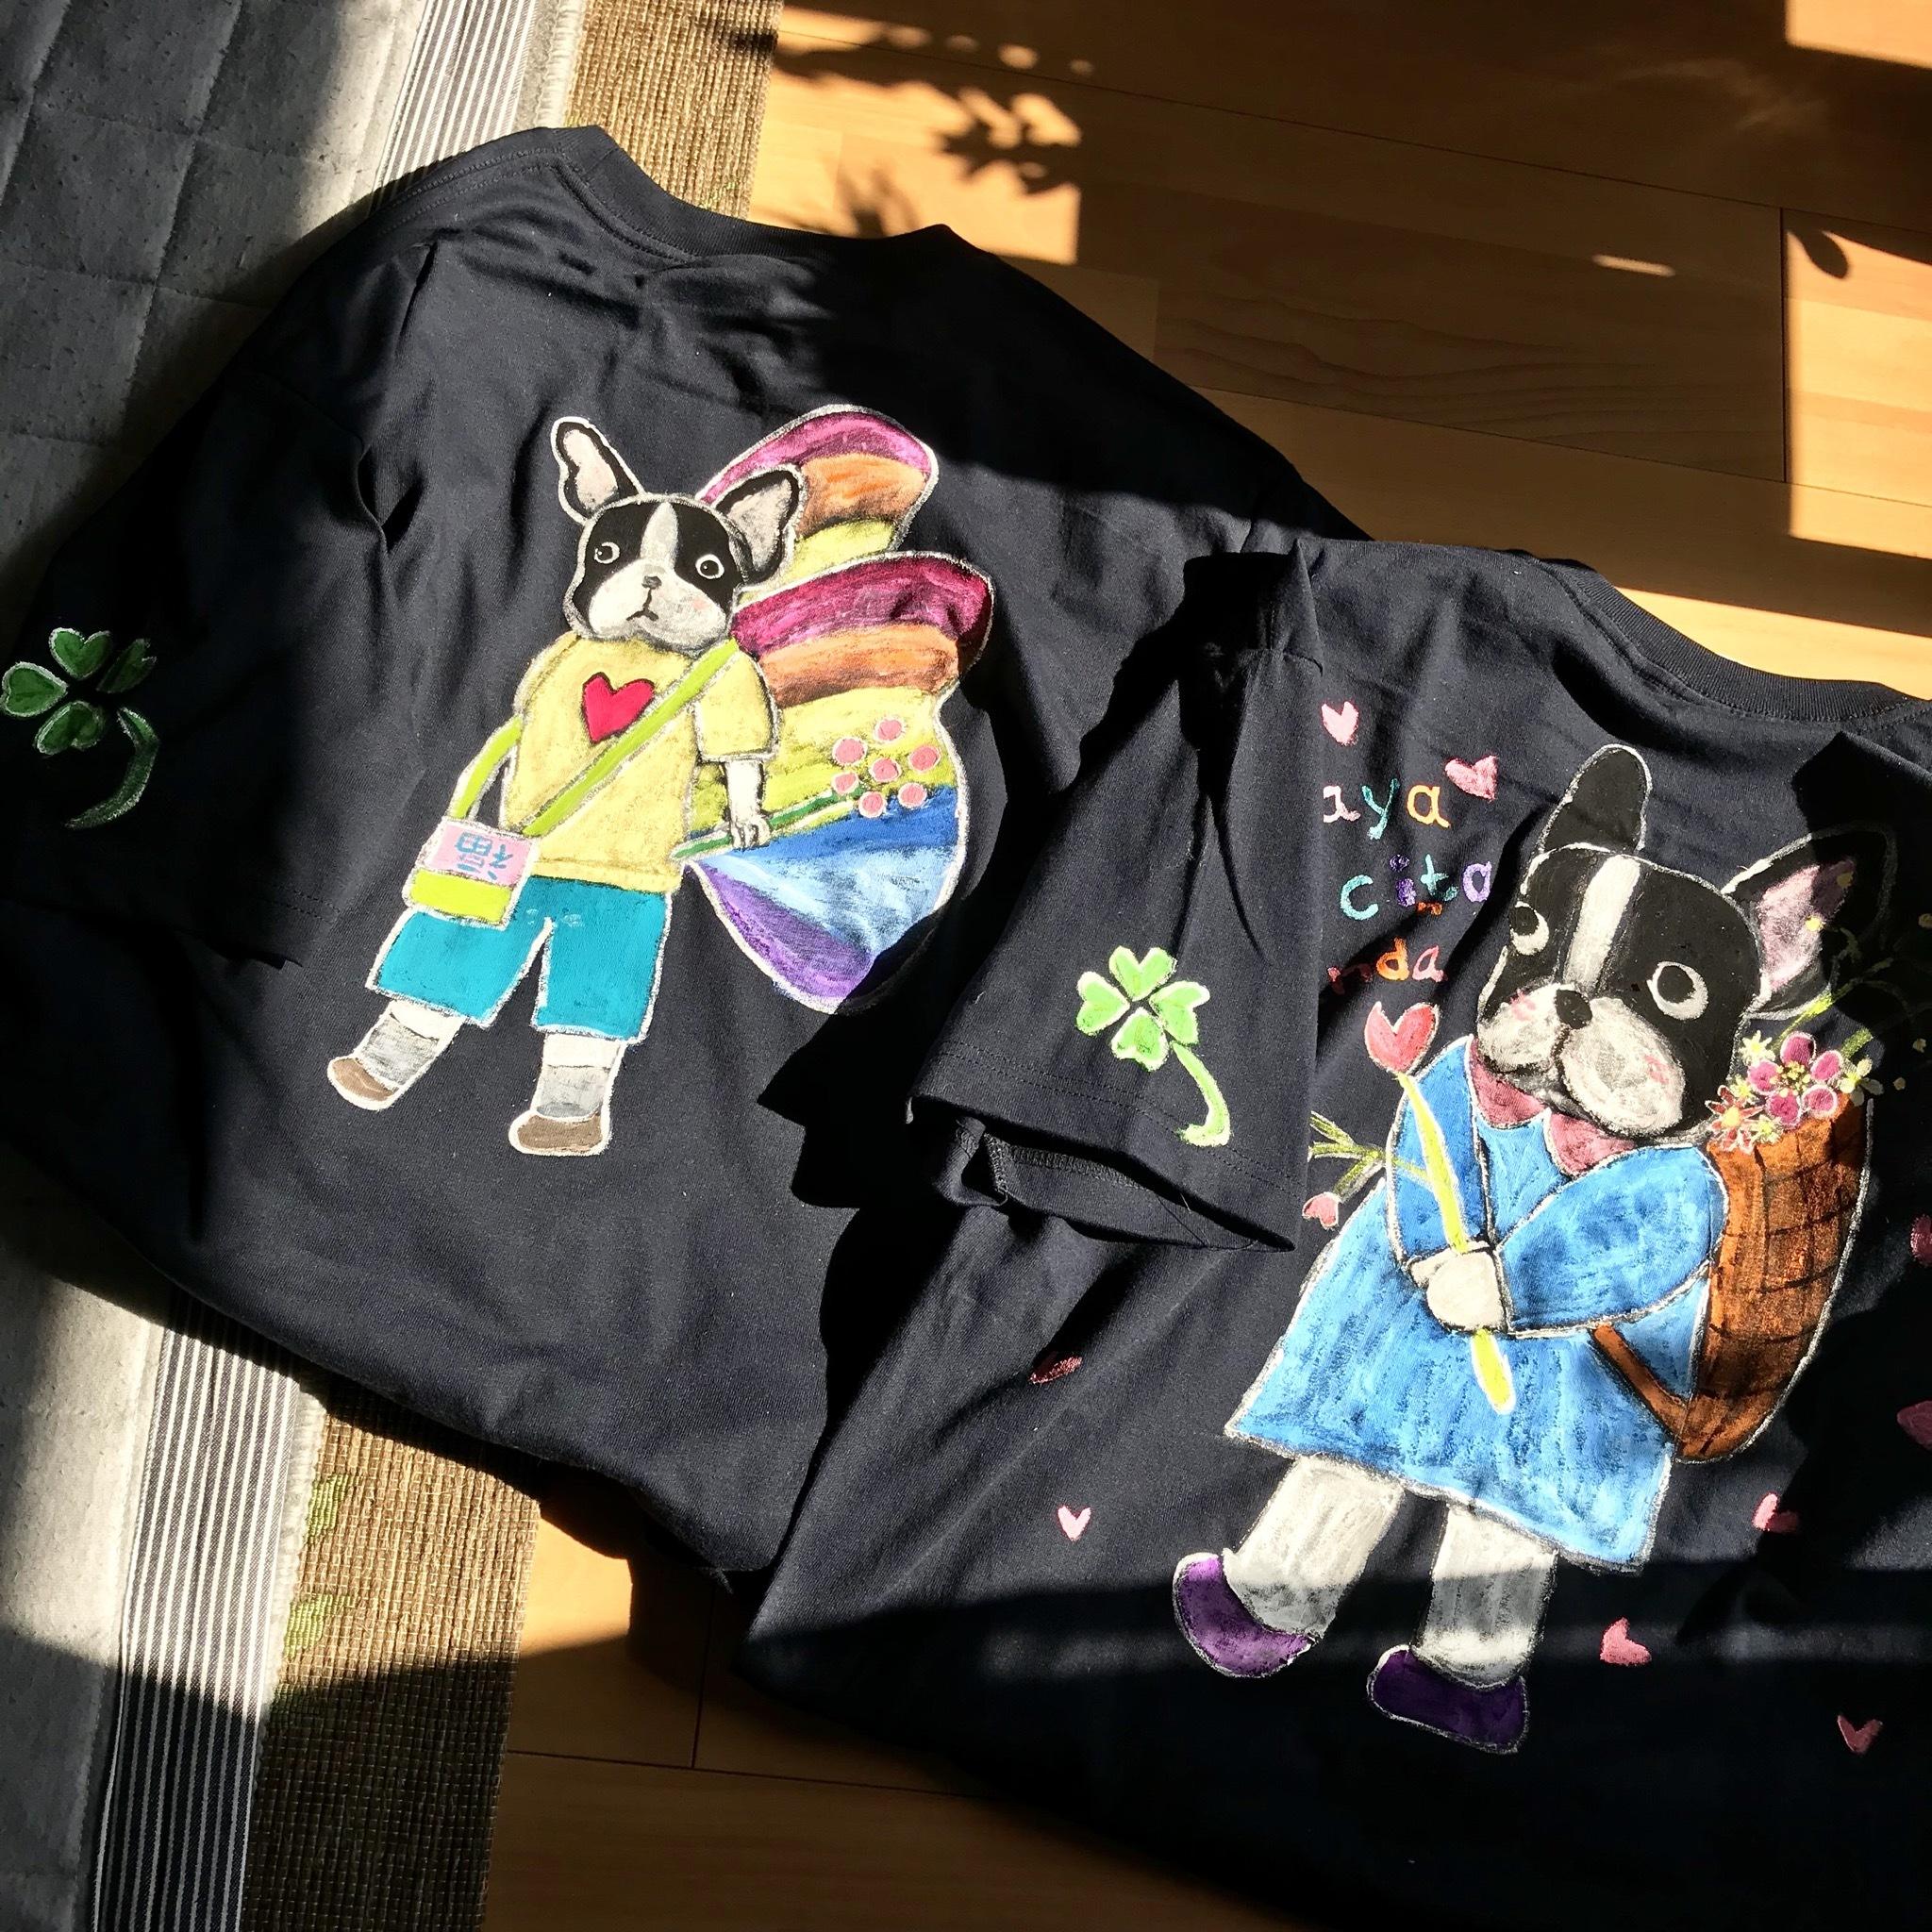 M様オーダーお絵描きTシャツ2枚組(M様のみご購入いただけます)